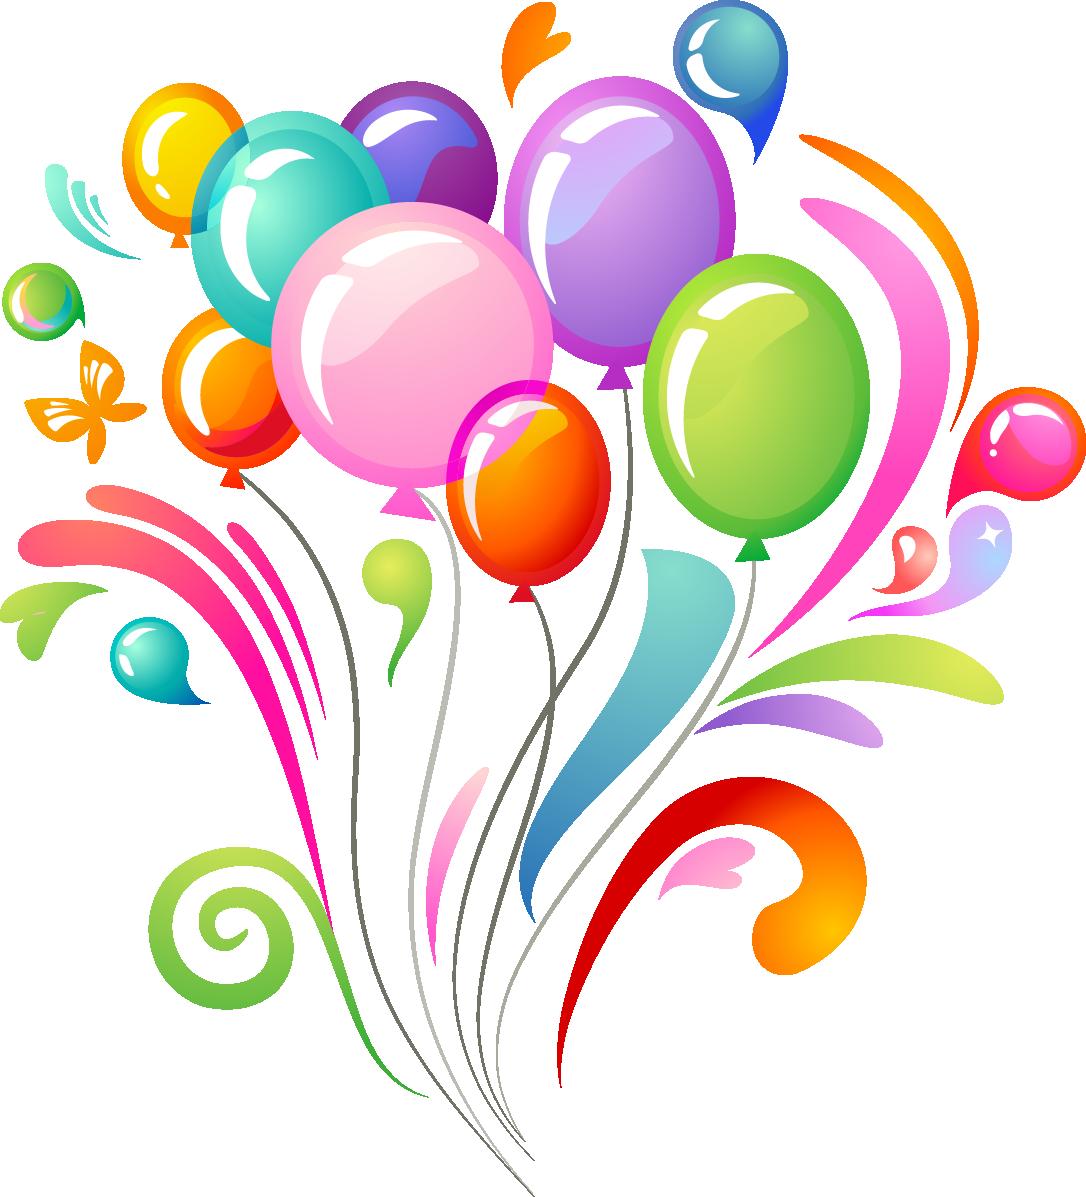 Pin By Lb Artesanias Con Diseno On Felicidades Para Balloons Birthday Clips Free Clip Art